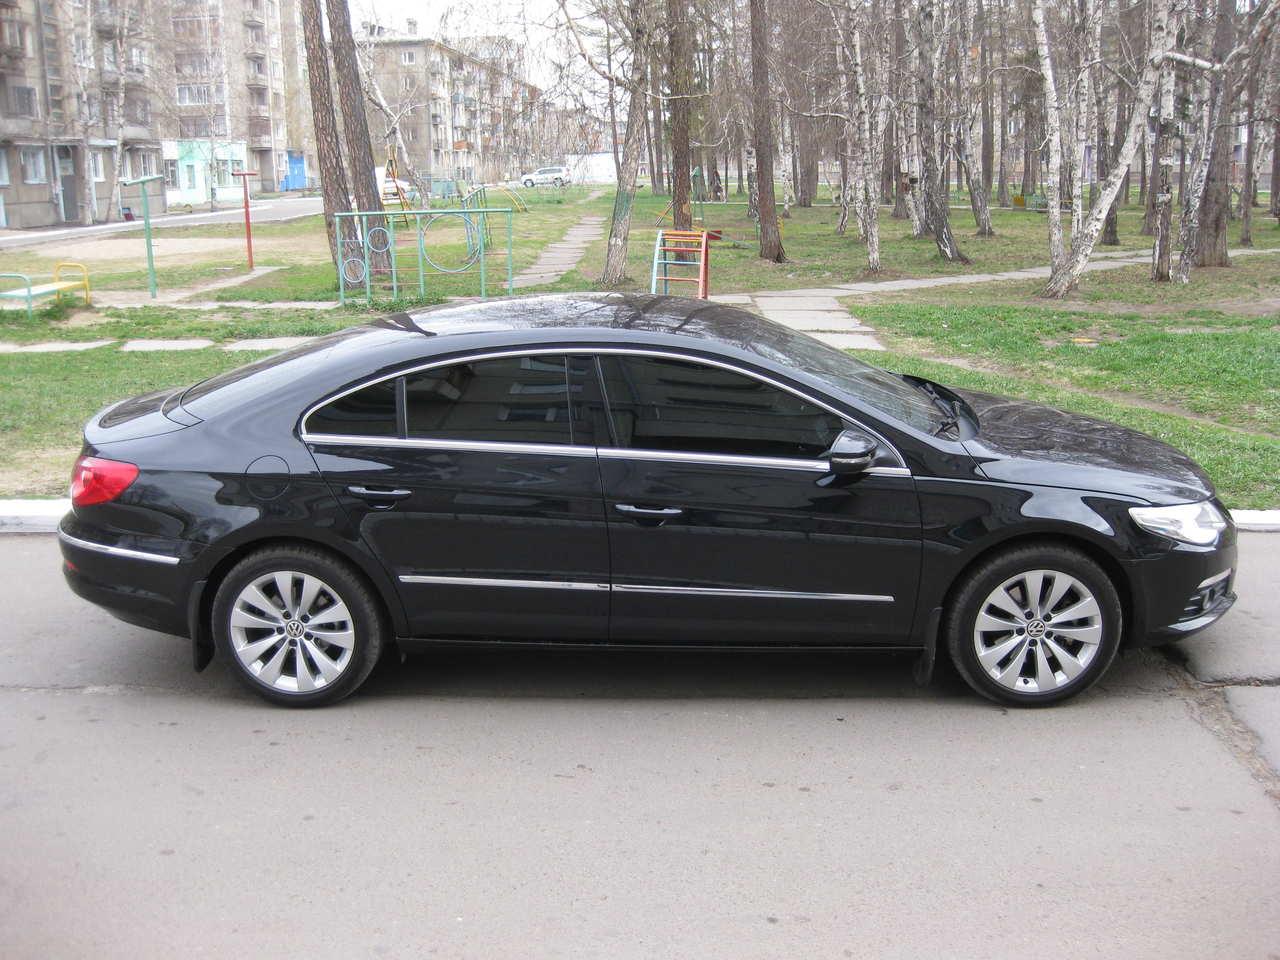 2009 Volkswagen Passat CC Photos, 18, Gasoline, FF